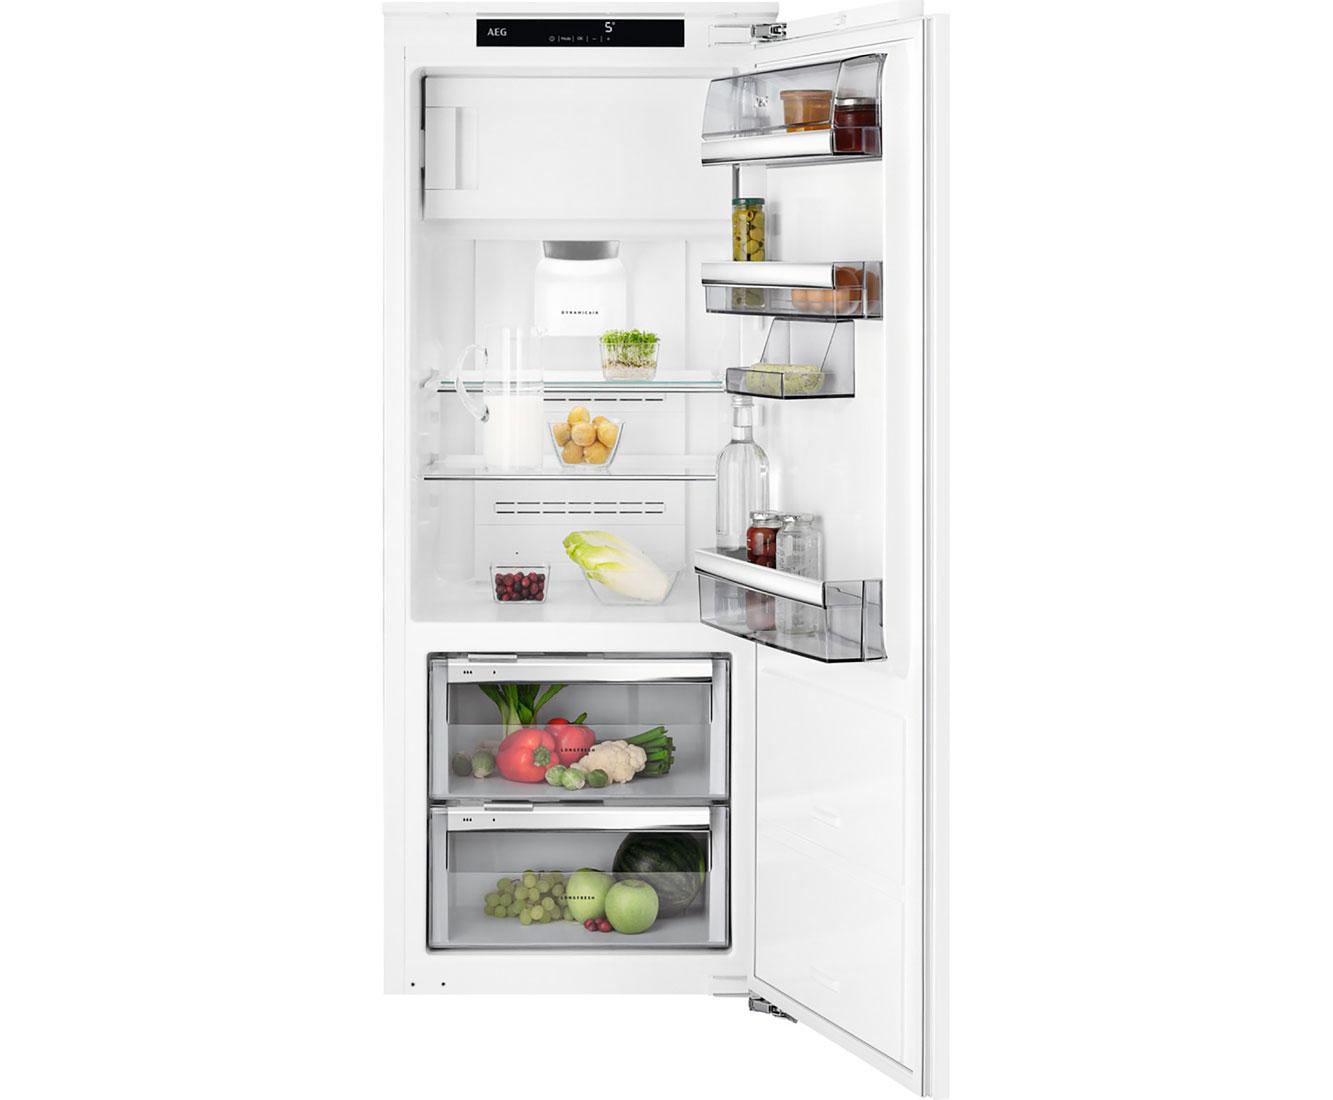 Aeg Kühlschrank Garantie : Aeg sfe zc einbau kühlschrank mit gefrierfach er nische